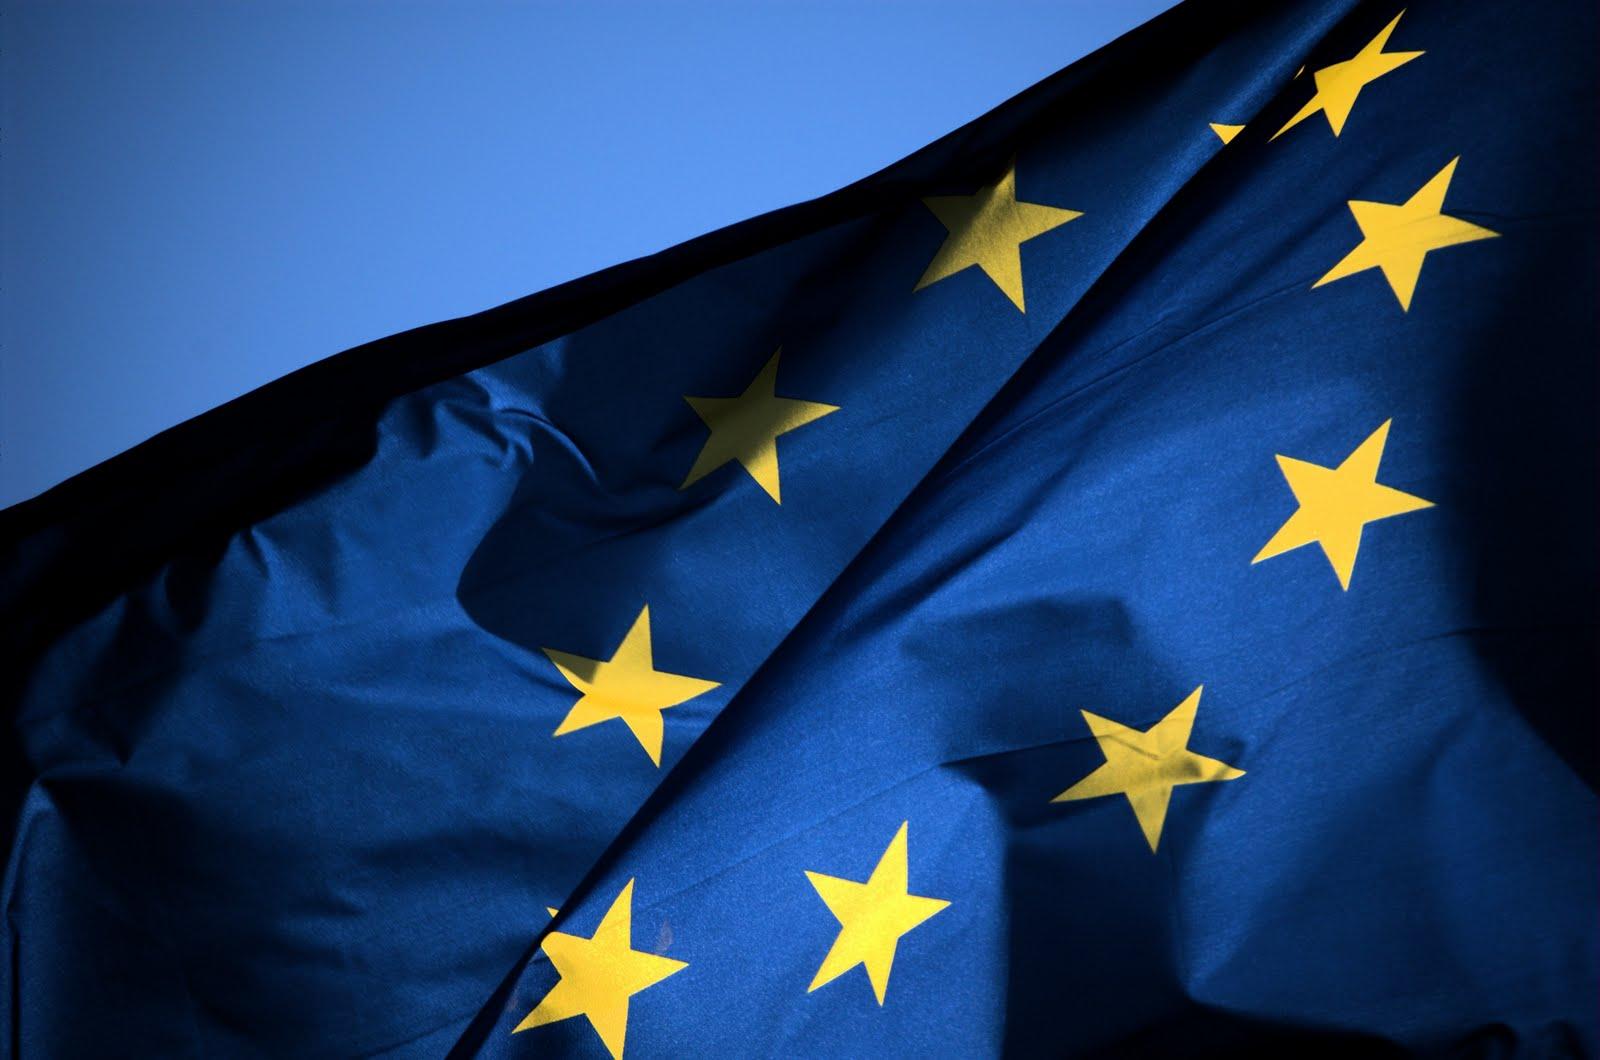 Pe măsură ce se apropie, Brexit-ul pierde din adepţi. Tot mai mulţi britanici doresc să rămână în UE şi cer un nou referendum